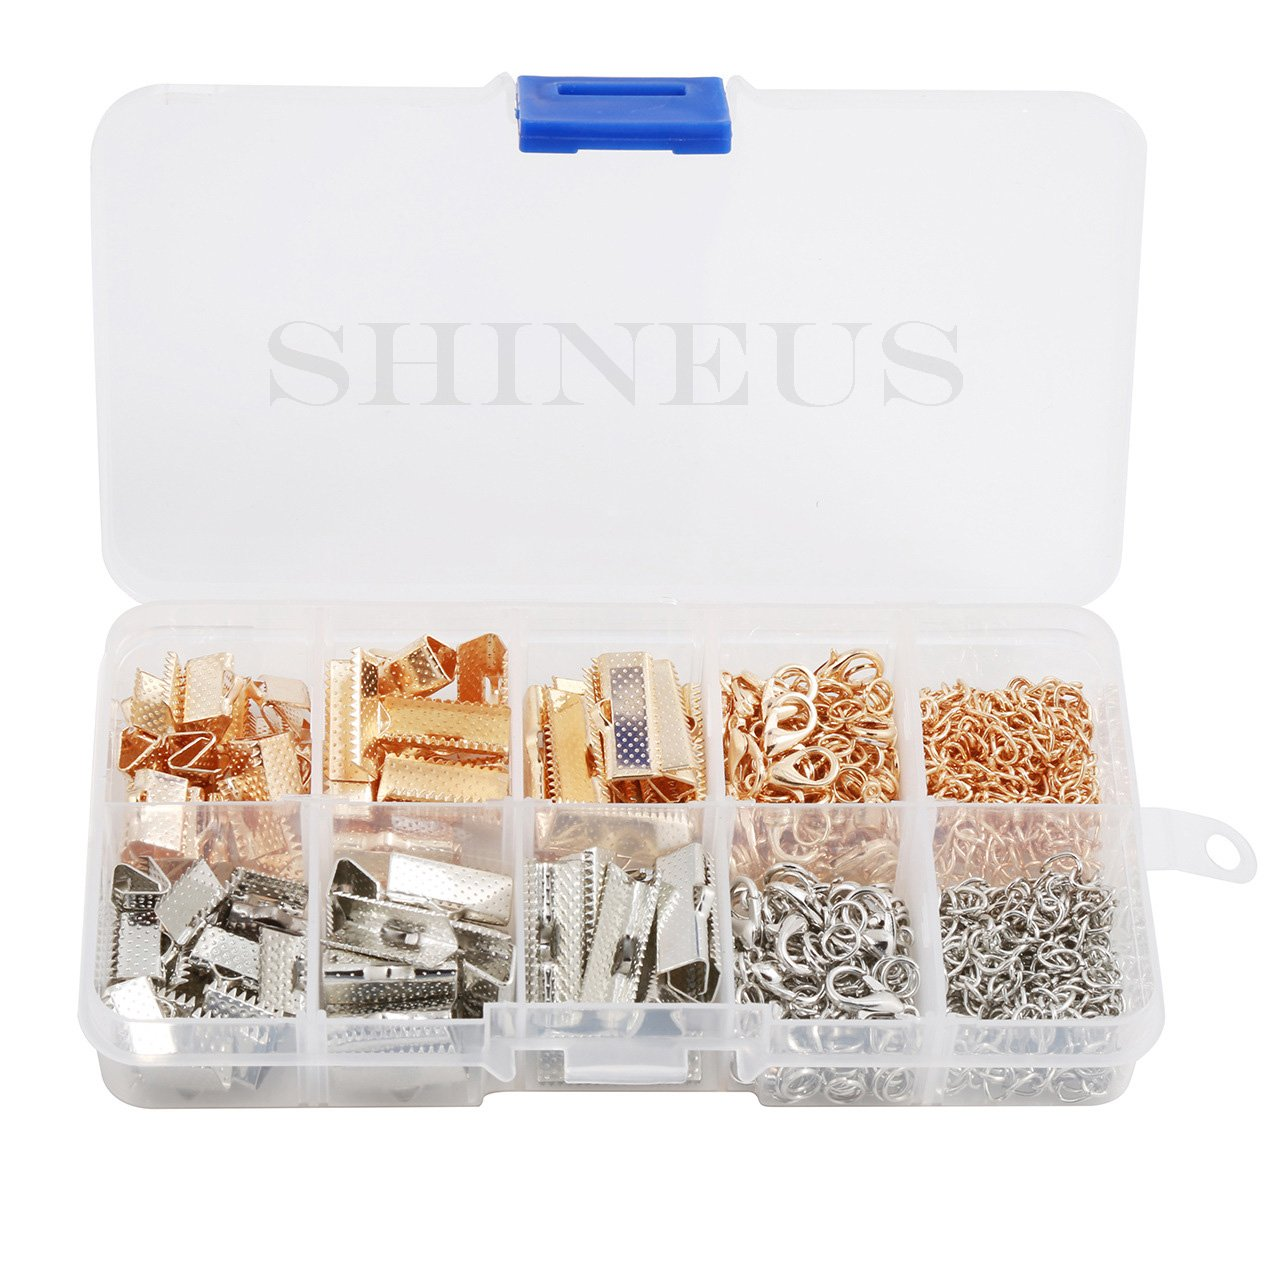 Braccialetto a nastro segnalibro kit Pinch terminali chiusure a moschettone con anellini e catena Extender 370/pezzi